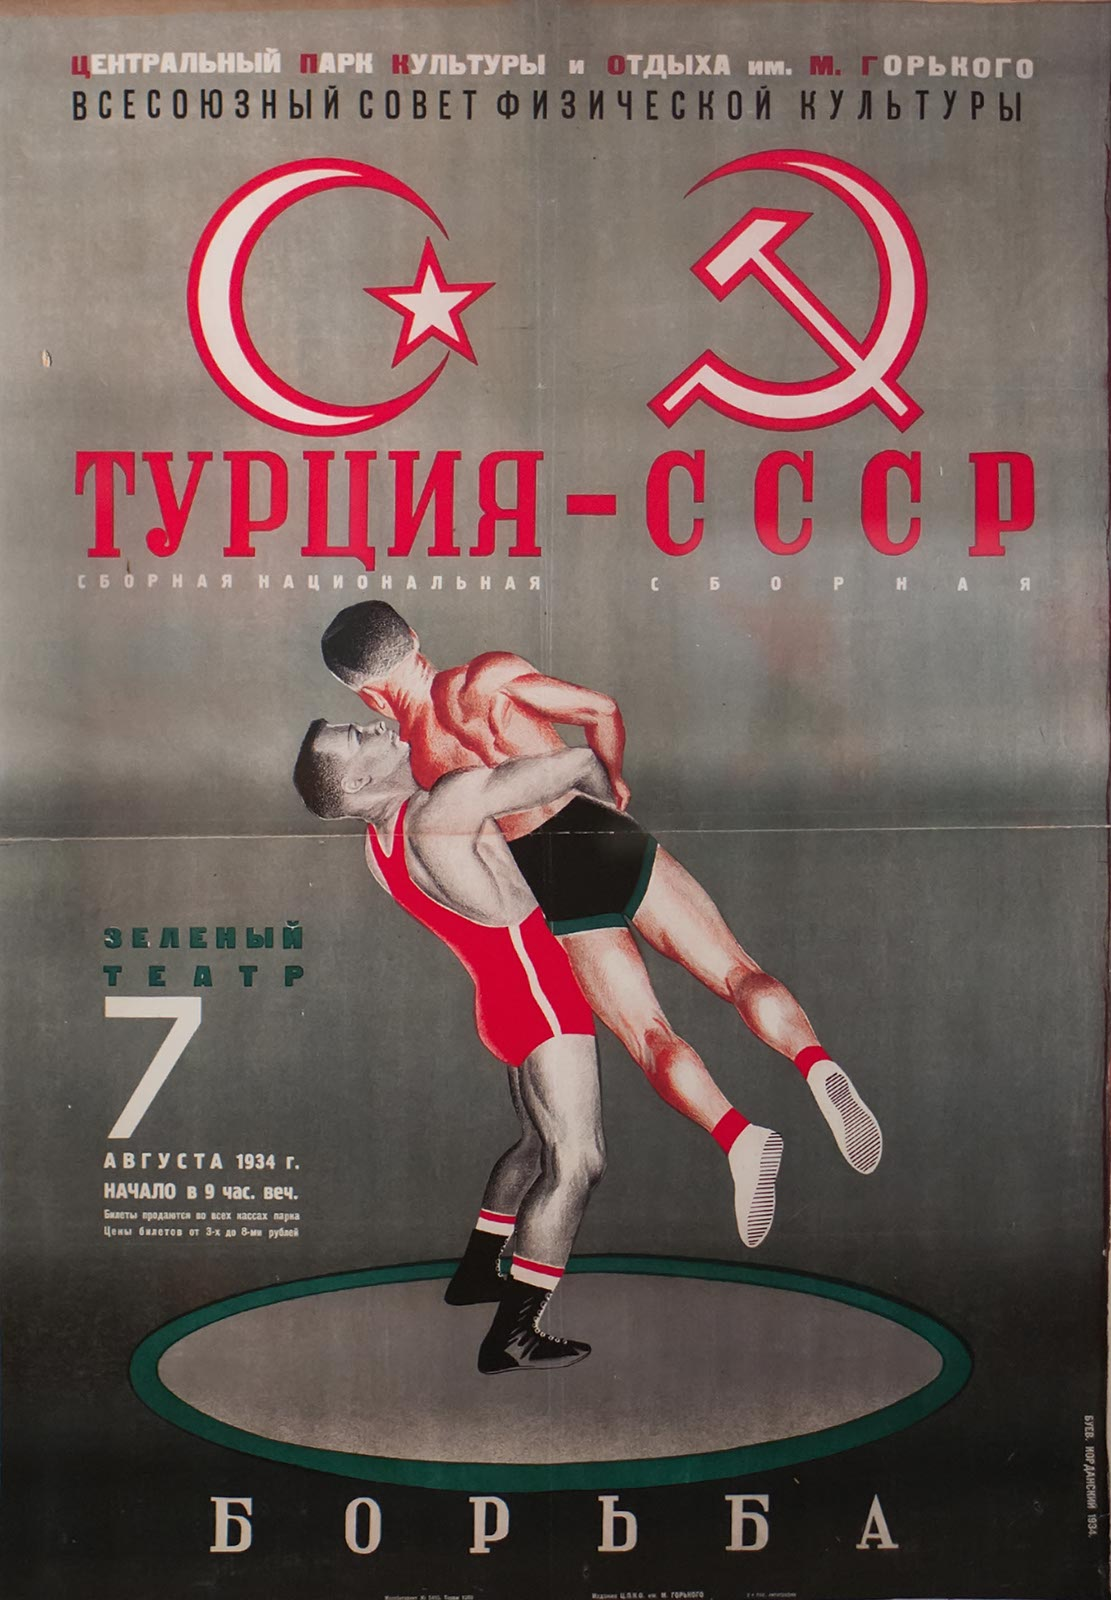 Фото №143744. Турция - СССР. Борьба